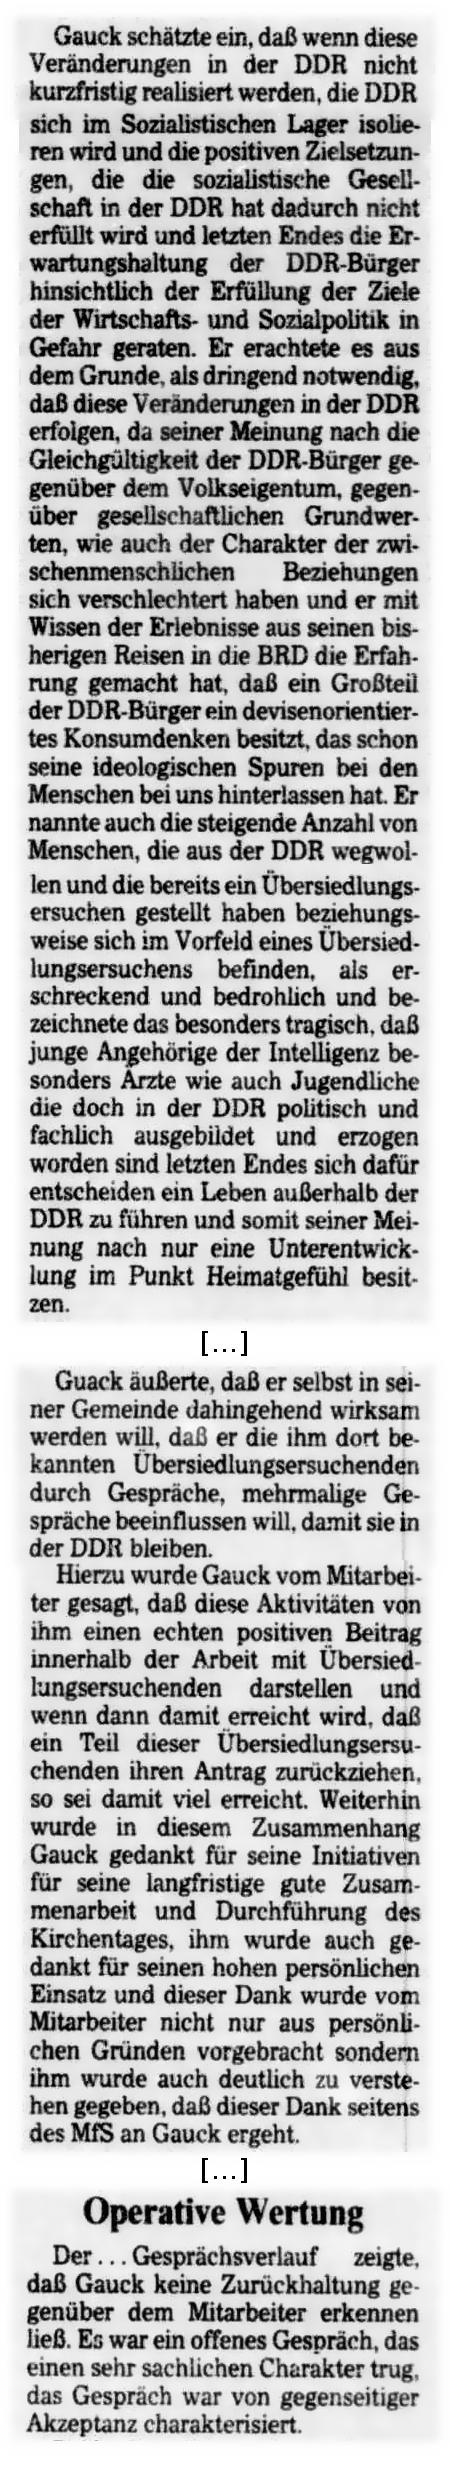 Gauck schätzte ein, daß wenn diese Veränderungen in der DDR nicht kurzfristig realisiert weren, die DDR sich im Sozialistischen Lager isolieren wird und die positiven Zielsetzungen, die die sozialistische Gesellschaft in der DDR hat dadurch nicht erfüllt wird und letzten Endes die Erwartungshaltung der DDR-Bürger hinsichtlich der Erfüllung der Ziele der Wirtschafts- und Sozialpolitik in Gefahr geraten. Er erachtete es aus dem Grunde, als dringend notwendig, daß diese Veränderungen in der DDR erfolgen, da seiner Meinung nach die Gleichgültigkeit der DDR-Bürger gegenüber dem Volkseigentum, gegenüber gesellschaftlichen Grundwerten, wie auch der Chrakter der zwischenmenschlichen Beziehungen sich verschlechtert haben und er mit Wissen der Erlebnisse aus seinen bisherigen Reisen in die BRD die Erfahrung gemacht hat, daß ein Großteil der DDR-Bürger ein devisenorientiertes Konsumdenken besitzt, das schon seine ideologischen Spuren bei den Menschen bei uns hinterlassen hat. Er nannte auch die steigende Anzahl von Menschen, die aus der DDR wegwollen und die bereits ein Übersiedlungsersuchen gestellt haben beziehungsweise sich im Vorfeld eines Übersiedlungsersuchens befinden, als erschreckend und bedrohlich und bezeichnetet das besonders tragisch, daß junge Angehörige der Intelligenz besonders Ärzte wie auch Jugendliche die doch in der DDR politisch und fachlich ausgebildet und erzogen worden sind letzten Endes sich dafür entscheiden ein Leben außerhalb der DDR zu führen und somit seiner Meinung nach nur eine Unterentwicklung im Punkt Heimatgefühl besitzen ... Gauck äußerte, daß er selbst in seiner Gemeinde dahingehend wirksam werden will, daß er die imh dort bekannten Übersiedlungsersuchen durch Gespräche, mehrmalige Gespräche beeinflussen will, damit sie in der DDR bleiben. Hierzu wurde Gauck vom Mitarbeiter gesagt, daß diese Aktivitäten ihm einen echten postiven Beitrag innerhalb der Arbeit mit Übersiedlungsersuchenden darstellen und wenn dann damit erreicht wird, daß ein T